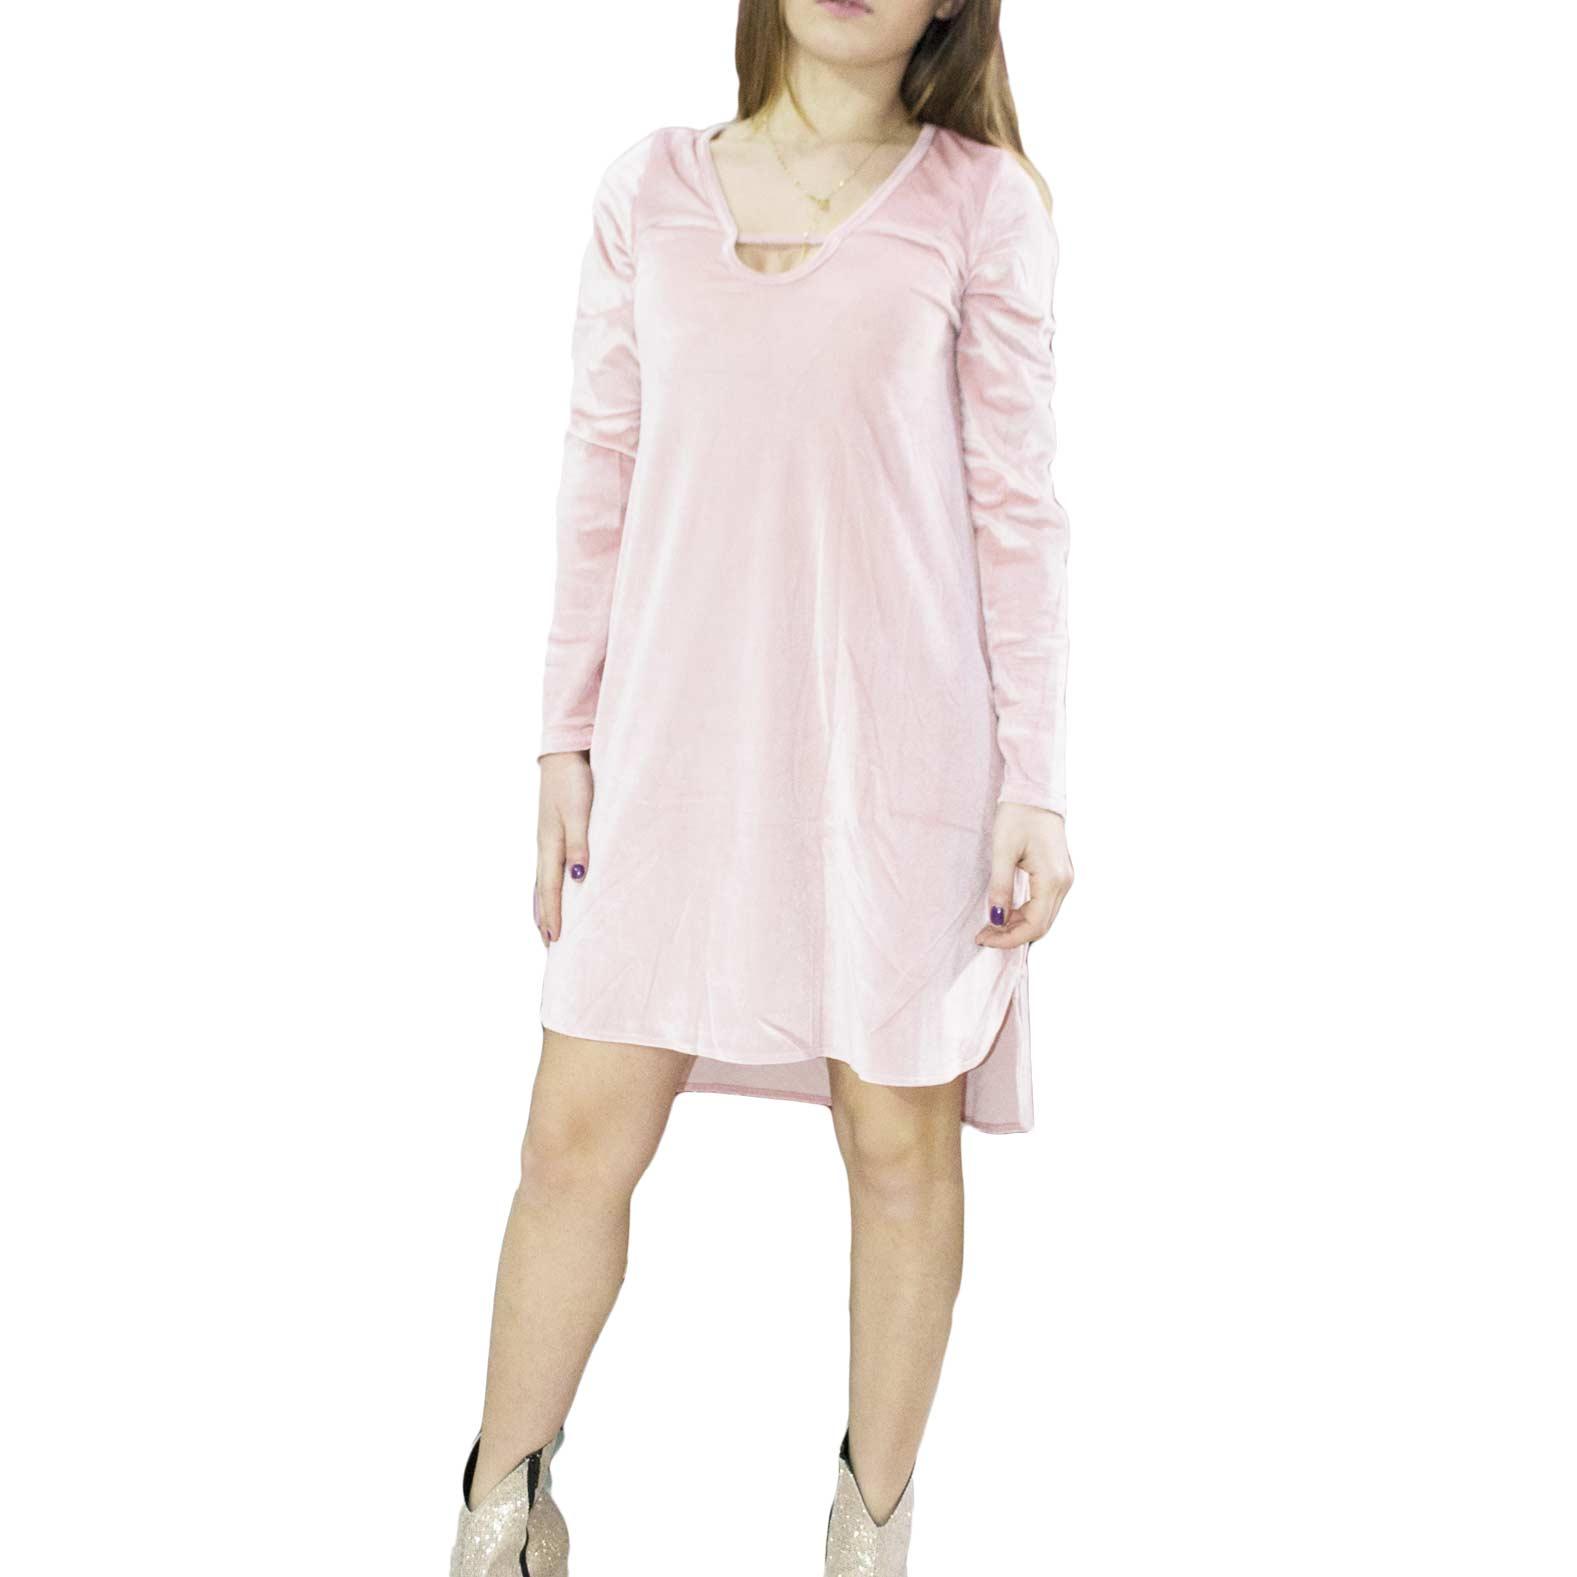 info for 1ea94 7b9c9 Abito in ciniglia rosa lunghezza asimettrico scollo davanti elegante pretty  moda donna abiti osley | MaluShoes